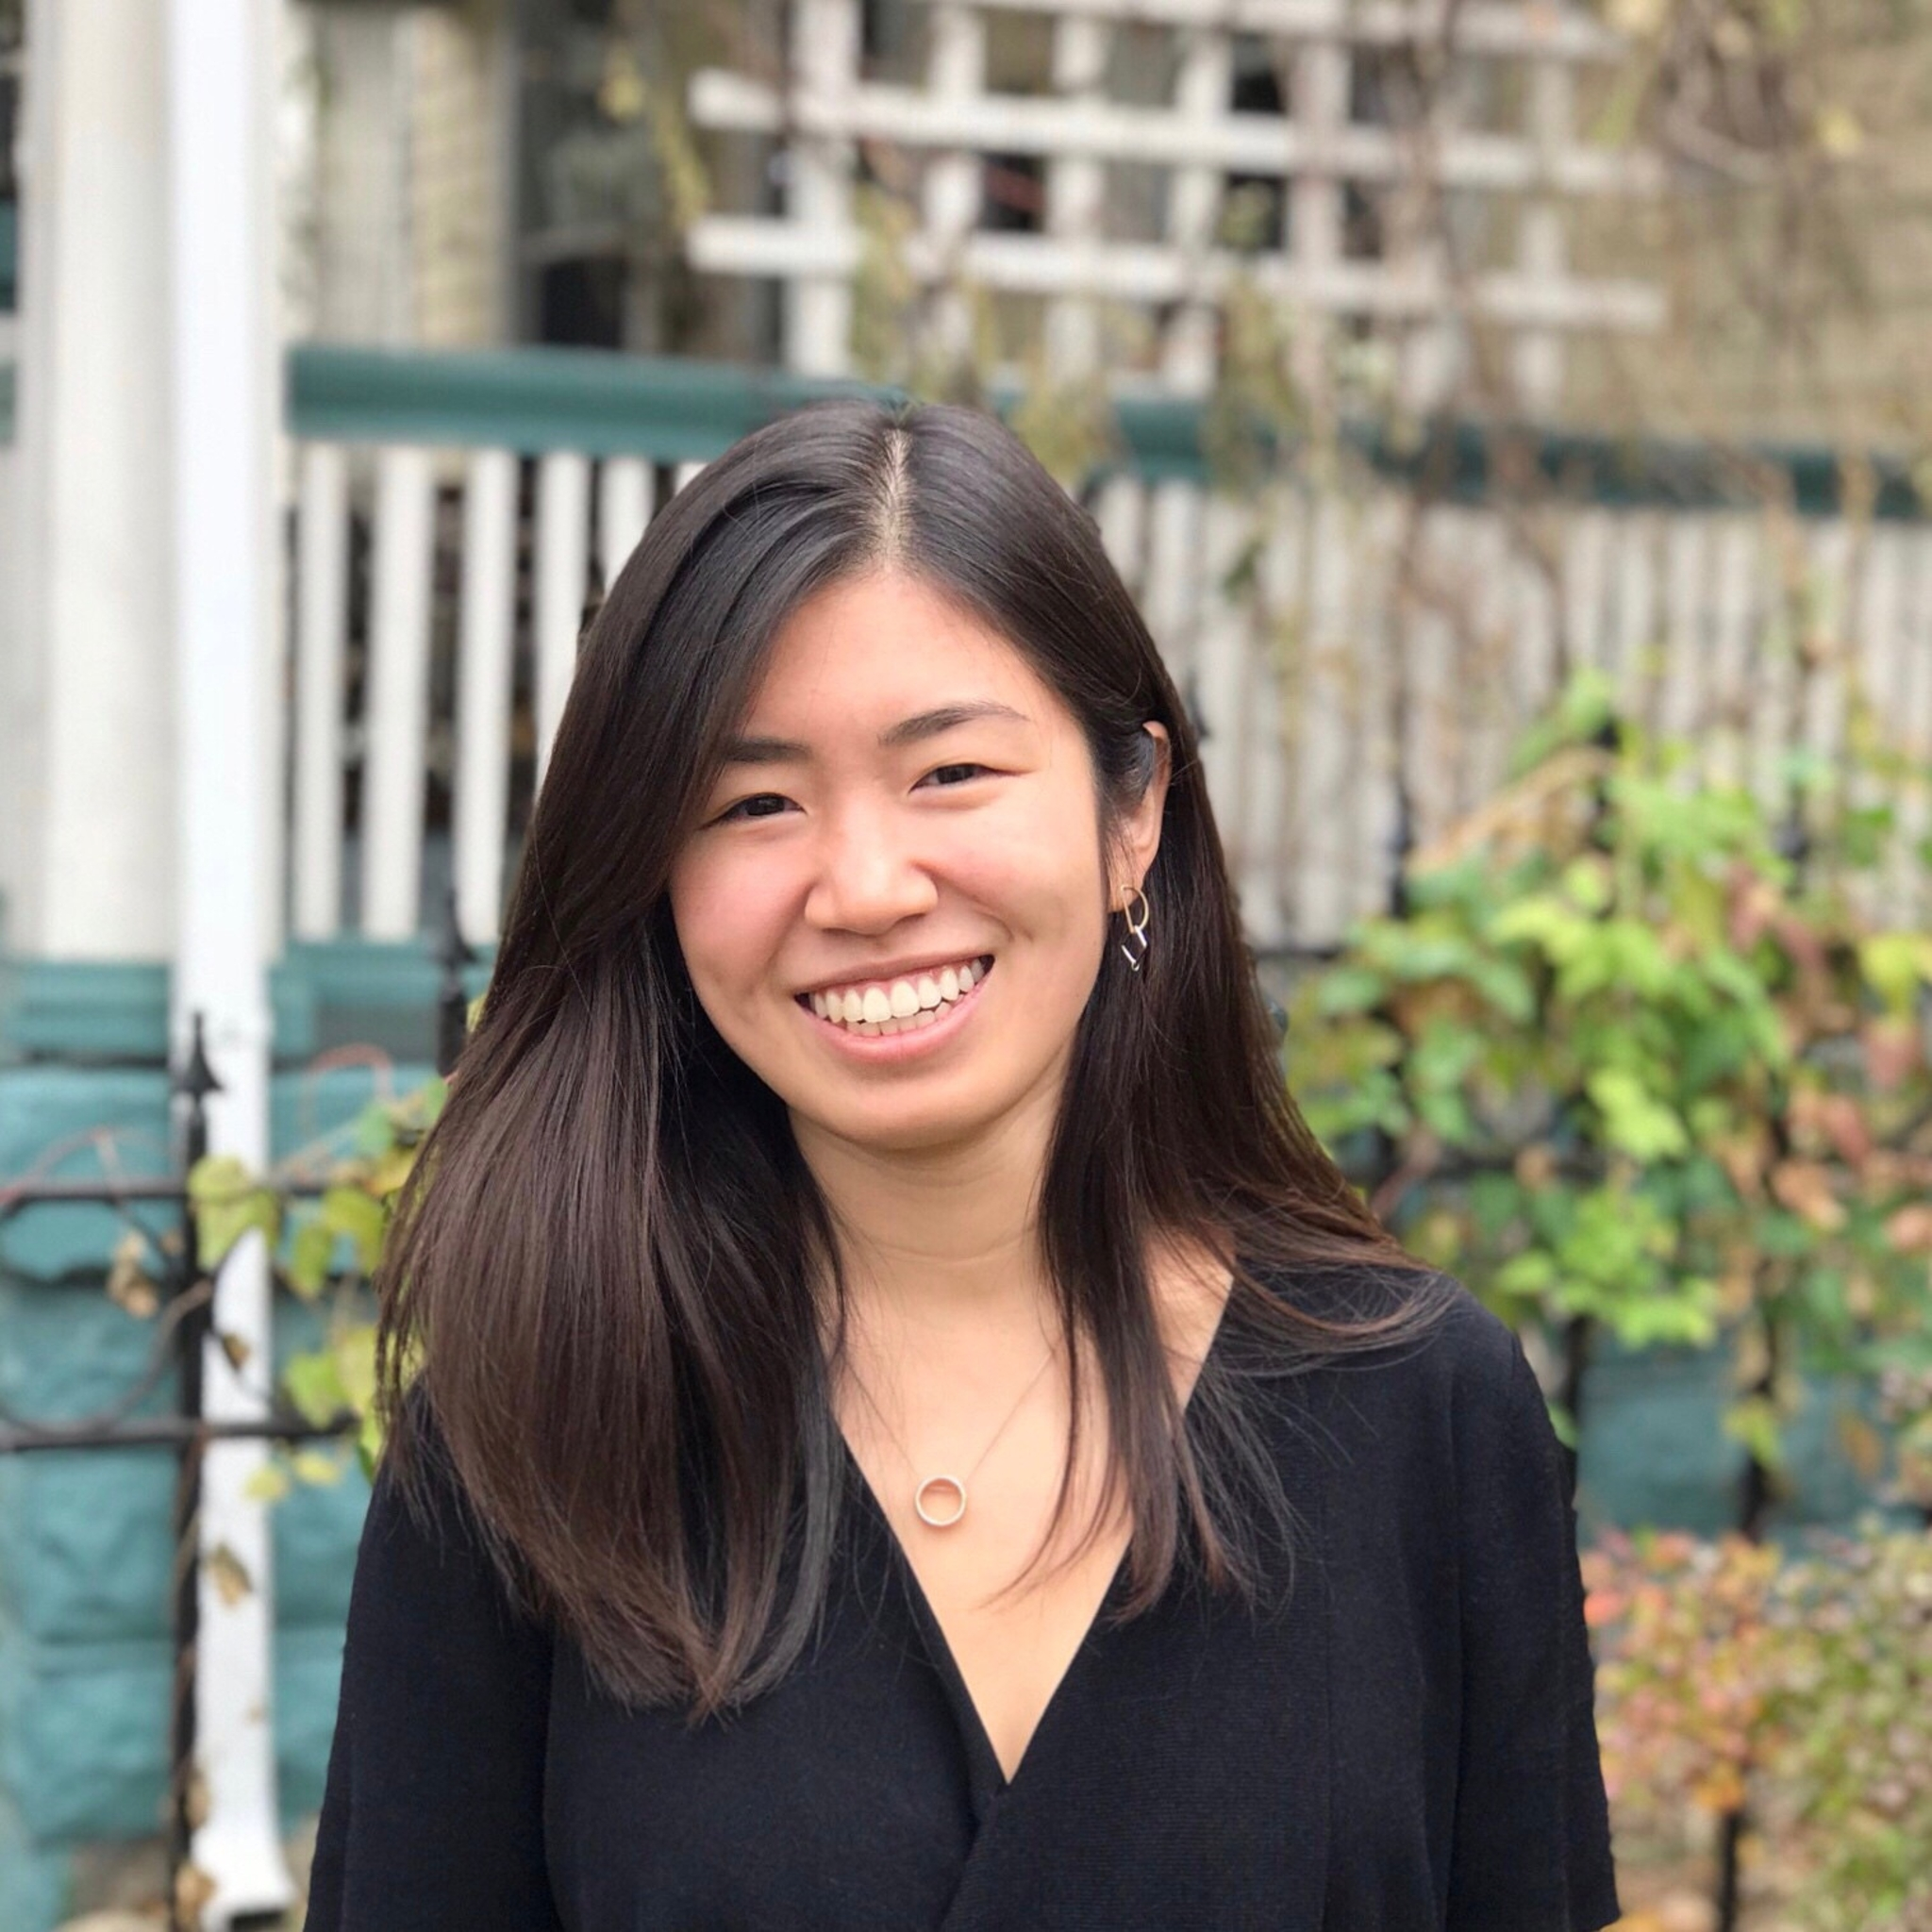 08fc2e18da55 2017 Math alumna Jennifer Huang has been named a 2018 Rhodes Scholar.